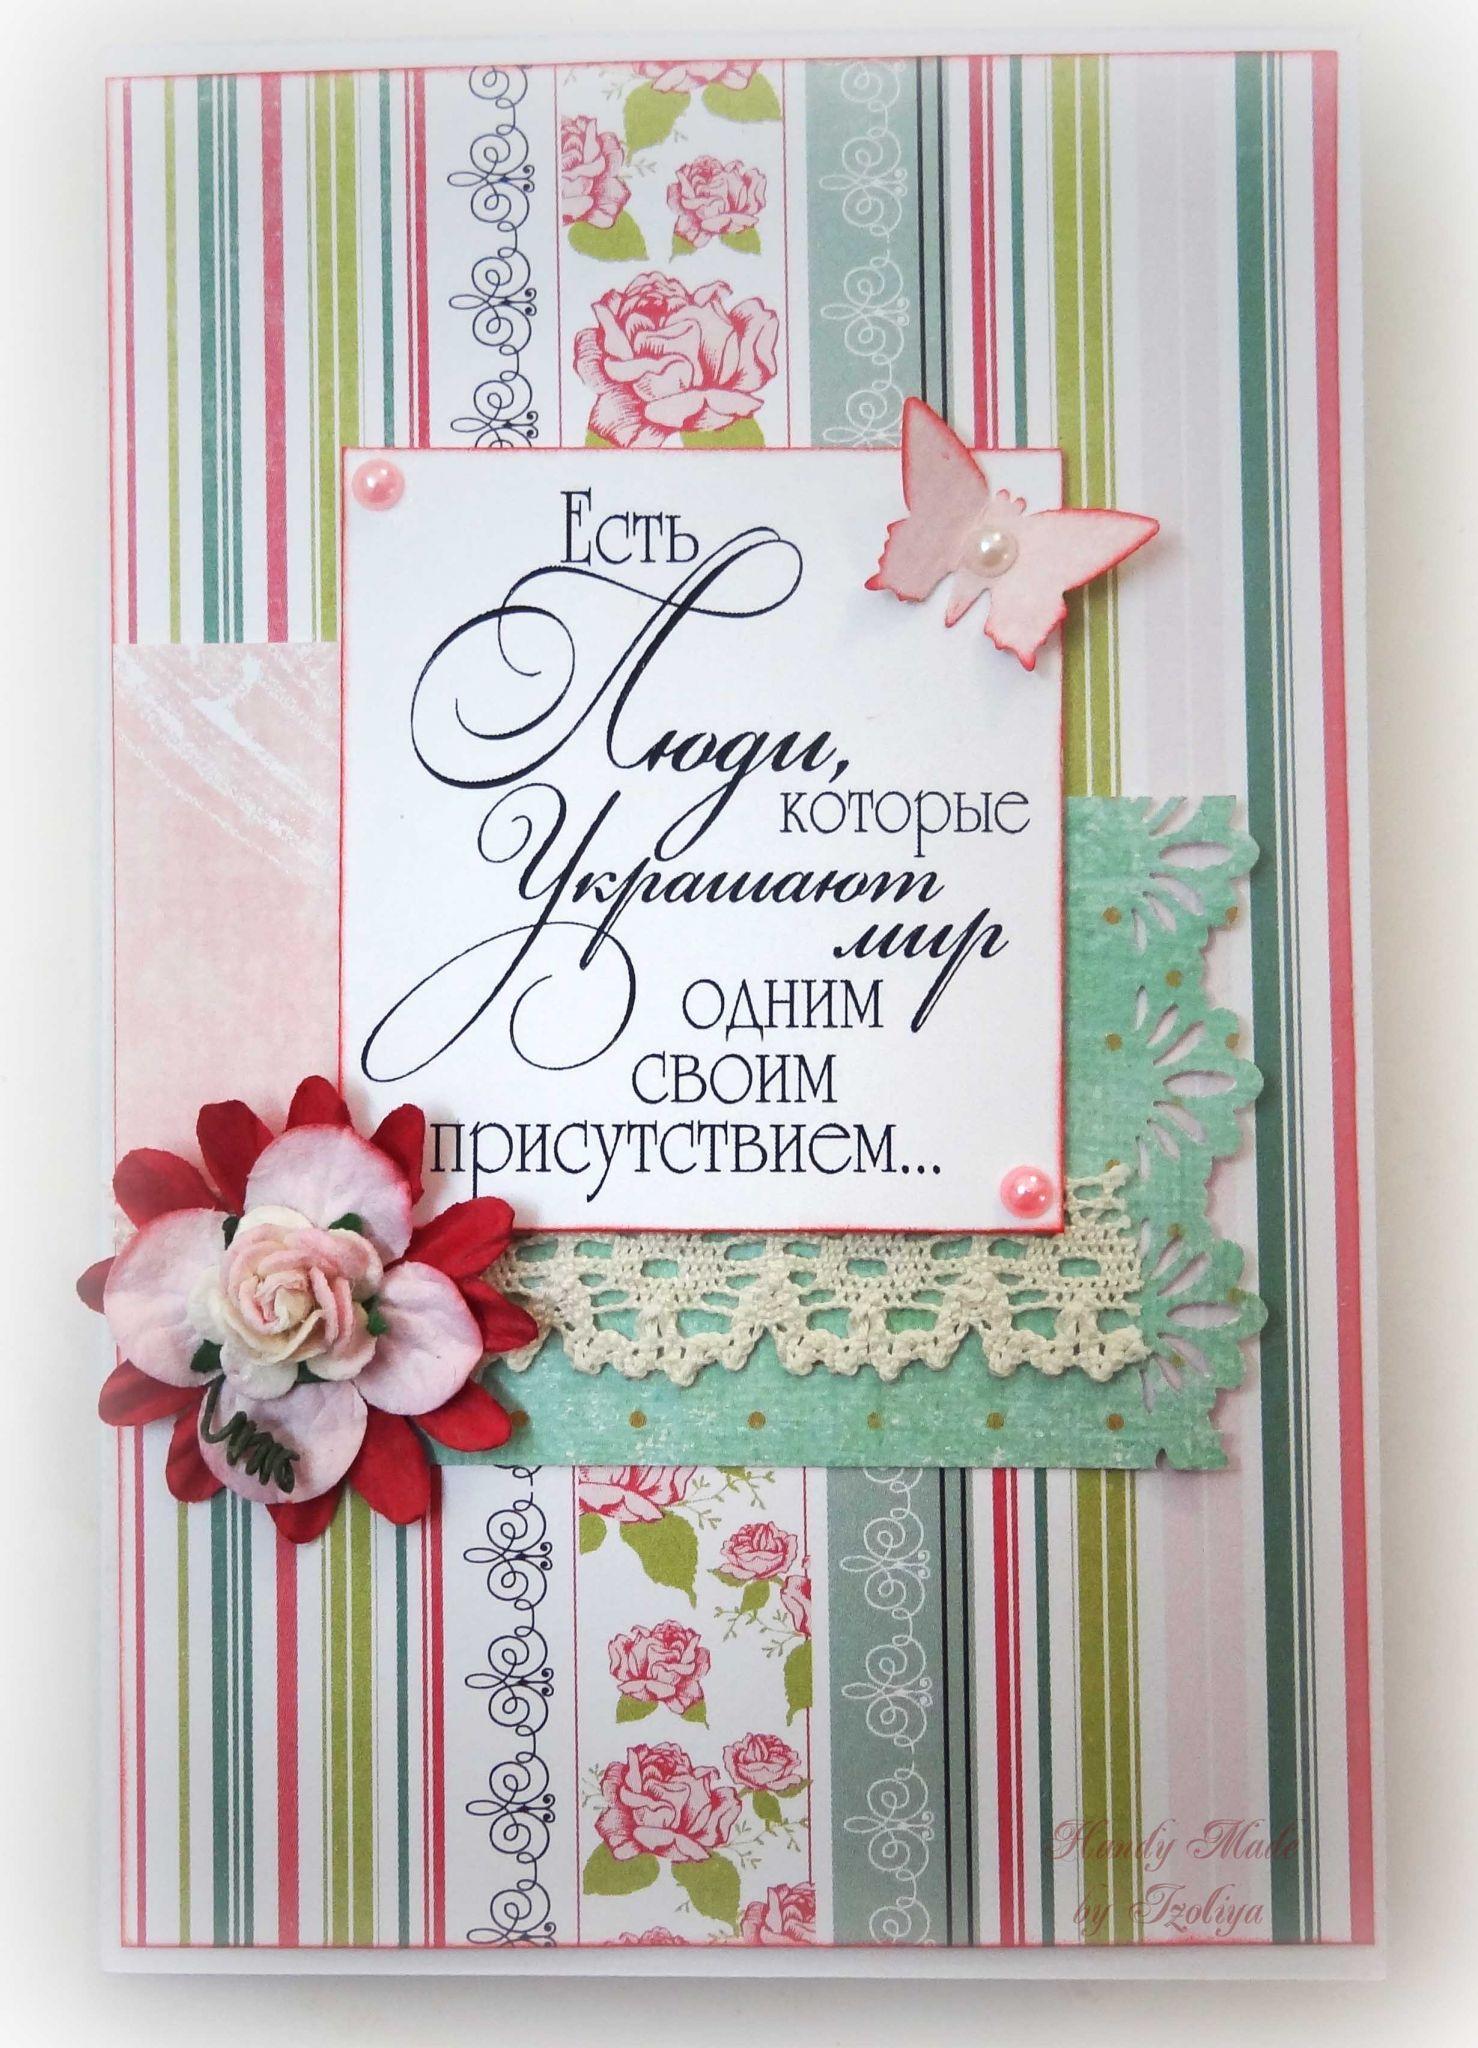 Февраля прикольные, открытка с днем воспитателя скрапбукинг